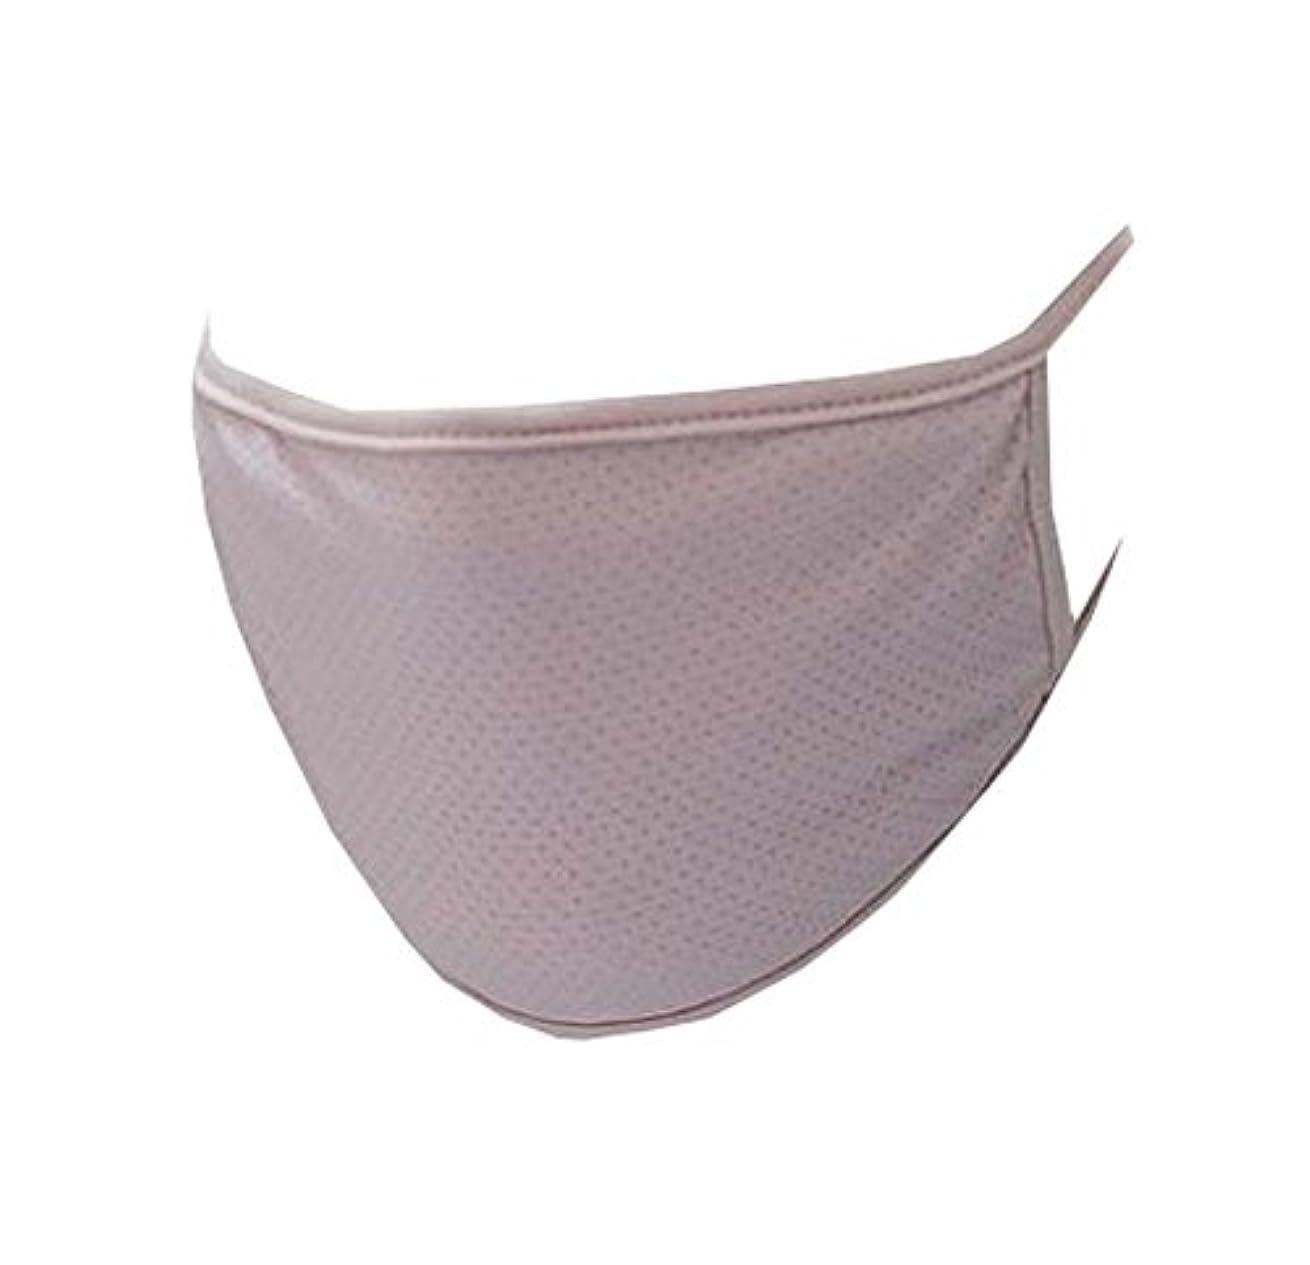 みがきます動機付けるいちゃつく口マスク、再使用可能フィルター - 埃、花粉、アレルゲン、抗UV、およびインフルエンザ菌 - F